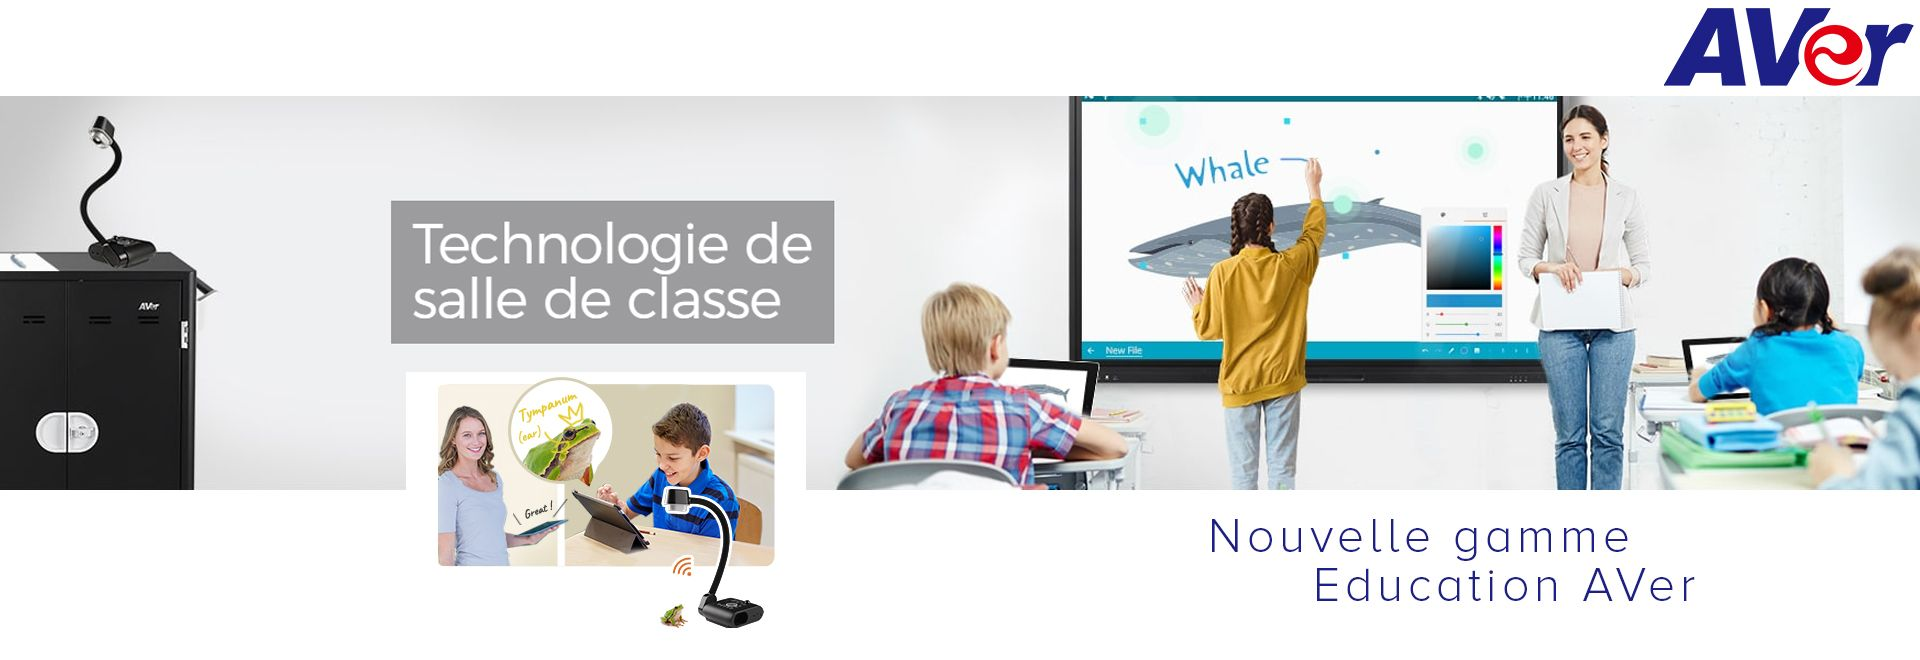 Nouvelle gamme education AVer